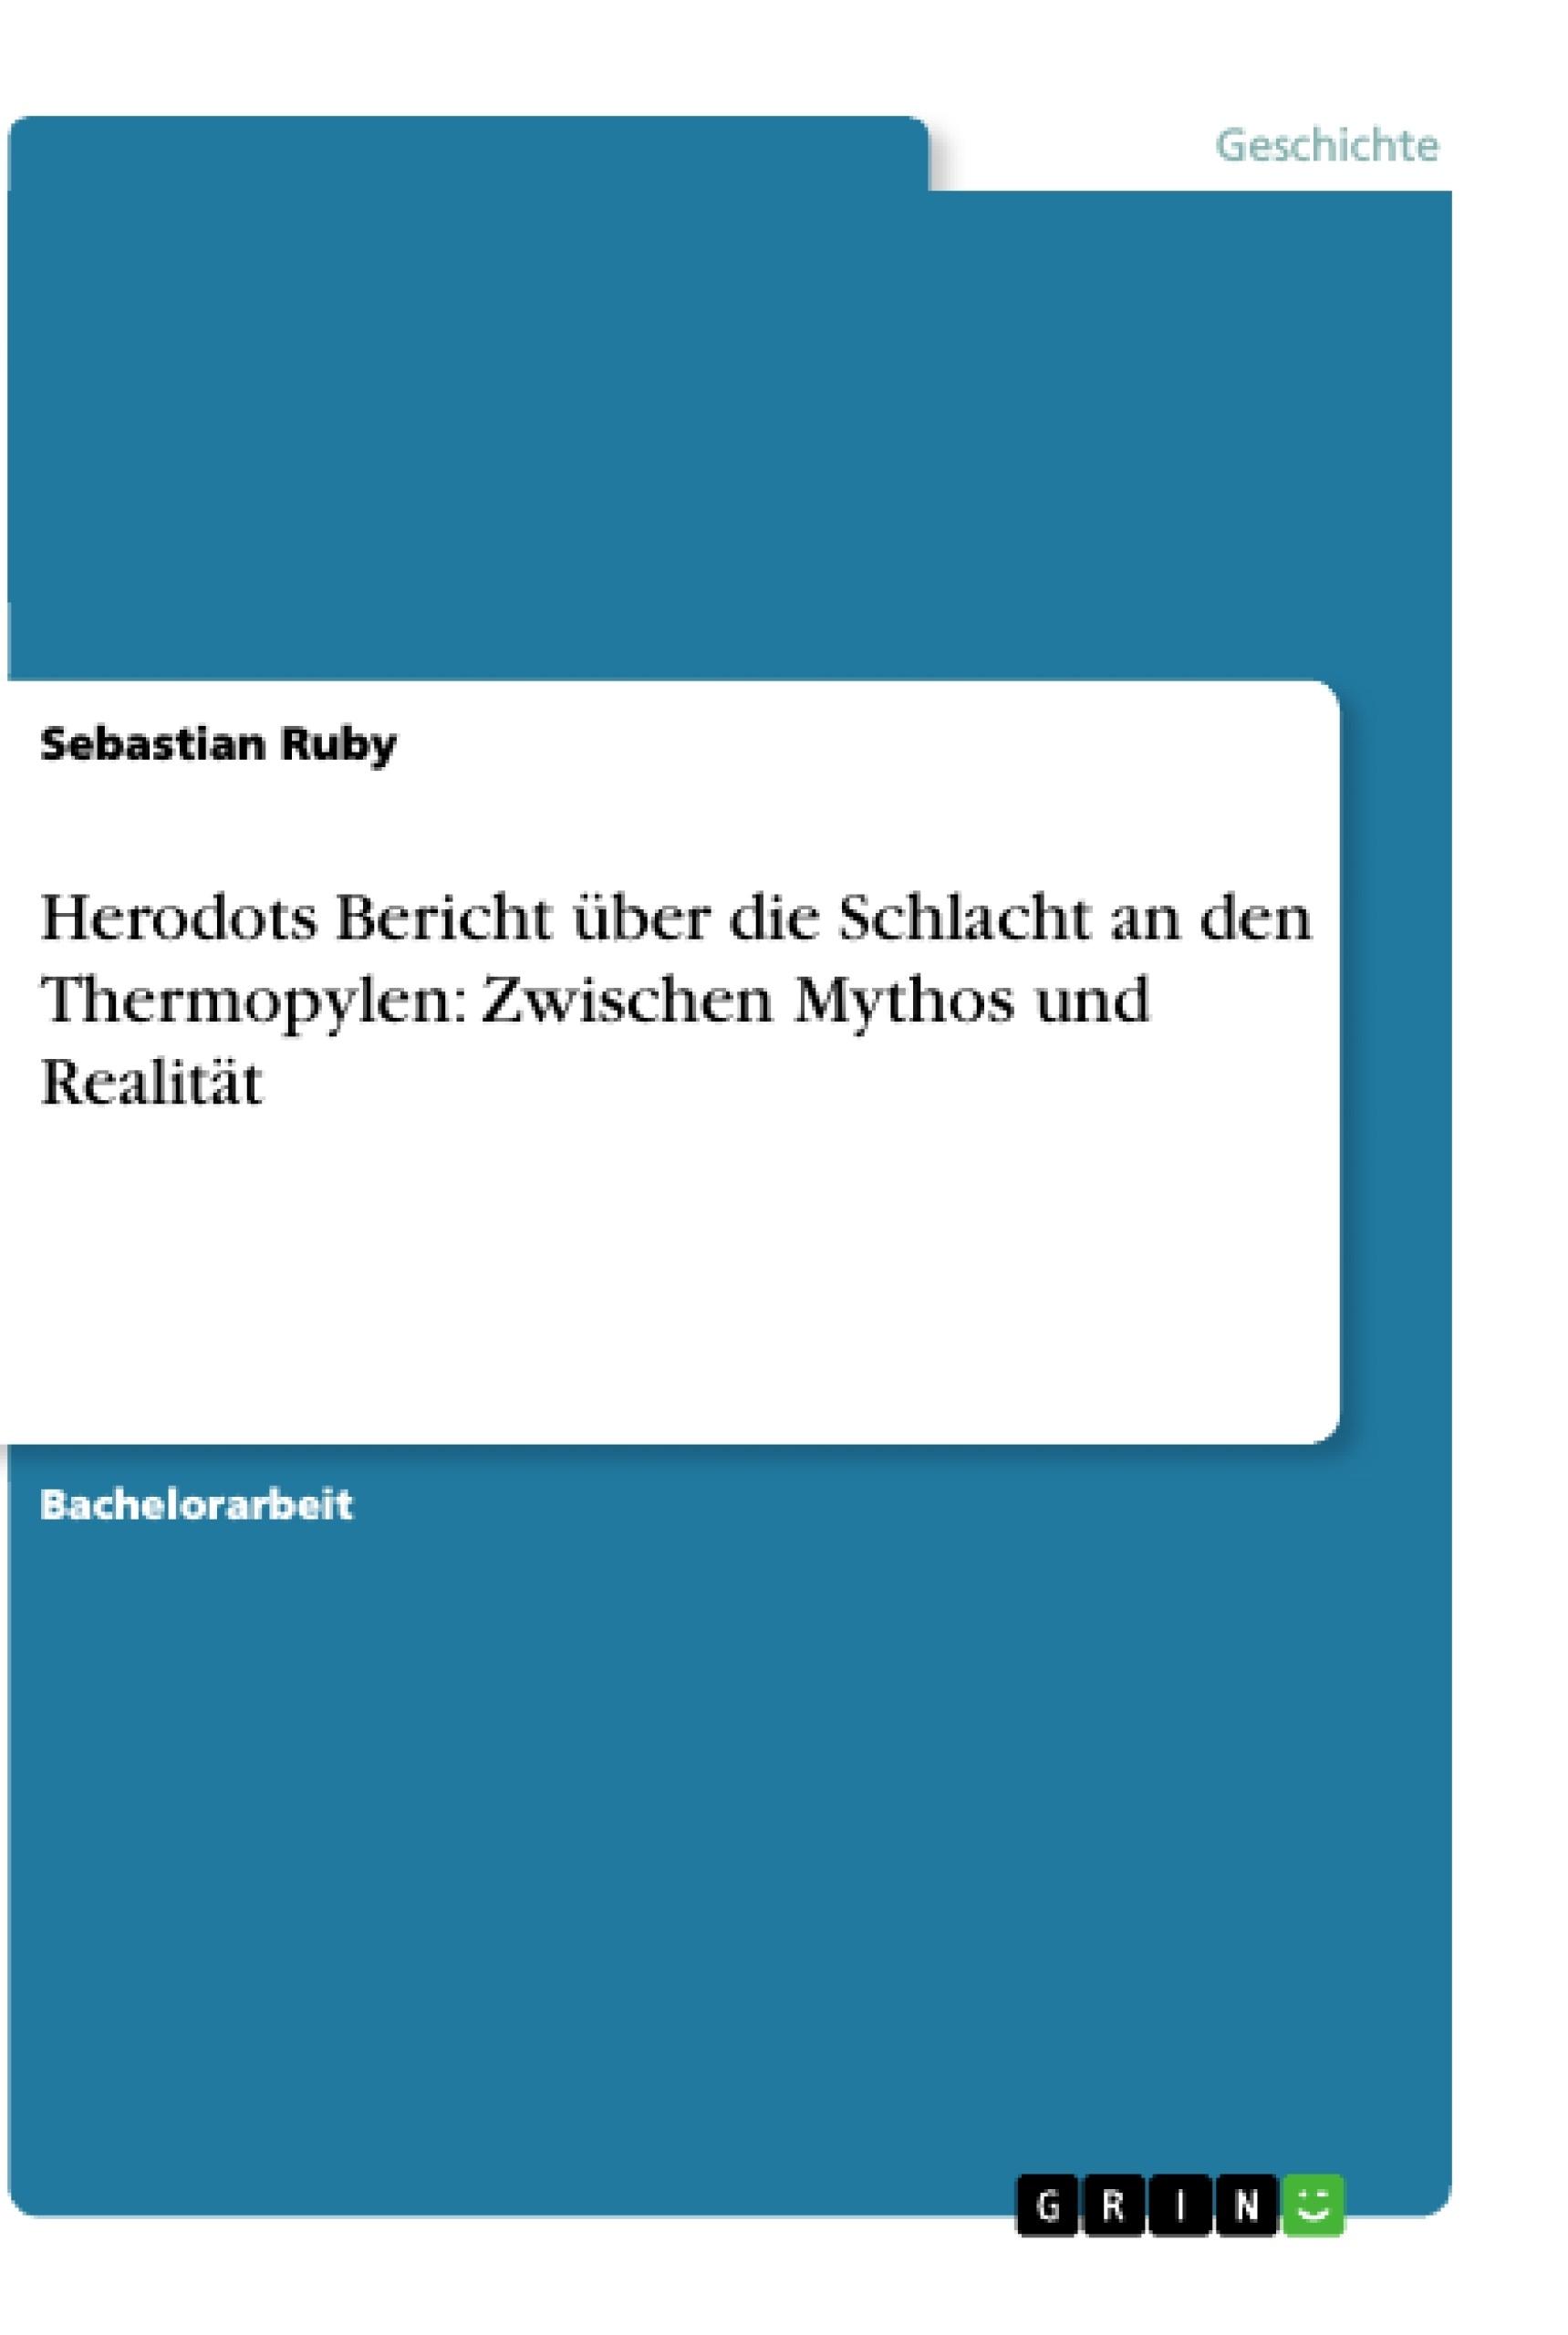 Titel: Herodots Bericht über die Schlacht an den Thermopylen: Zwischen Mythos und Realität